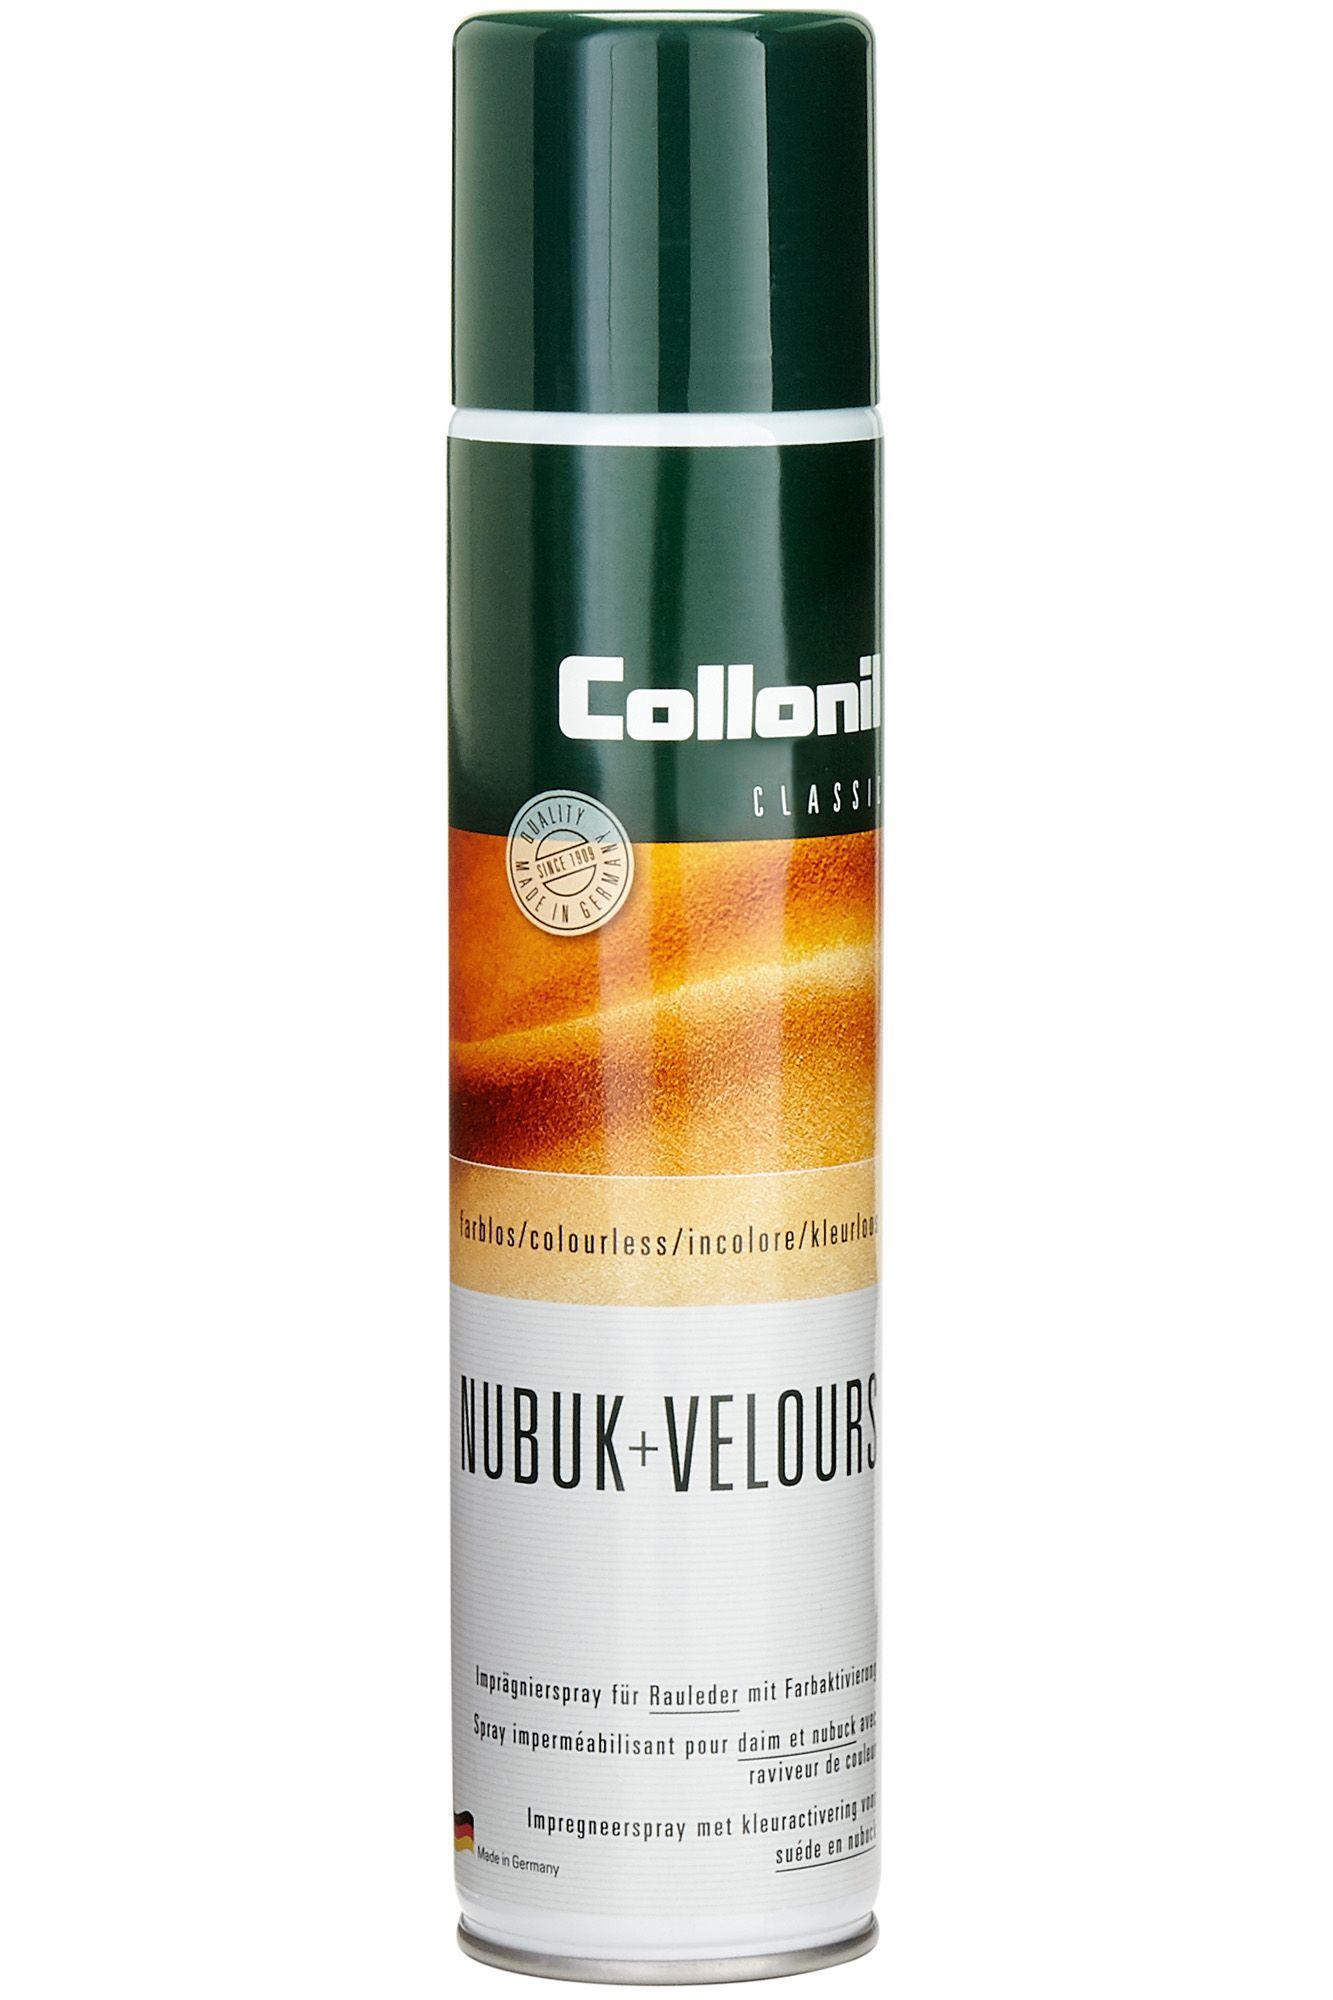 Collonil NUBUK+VELOURS - Imprägnierspray für Rauleder mit Farbaktivierung (300ml)